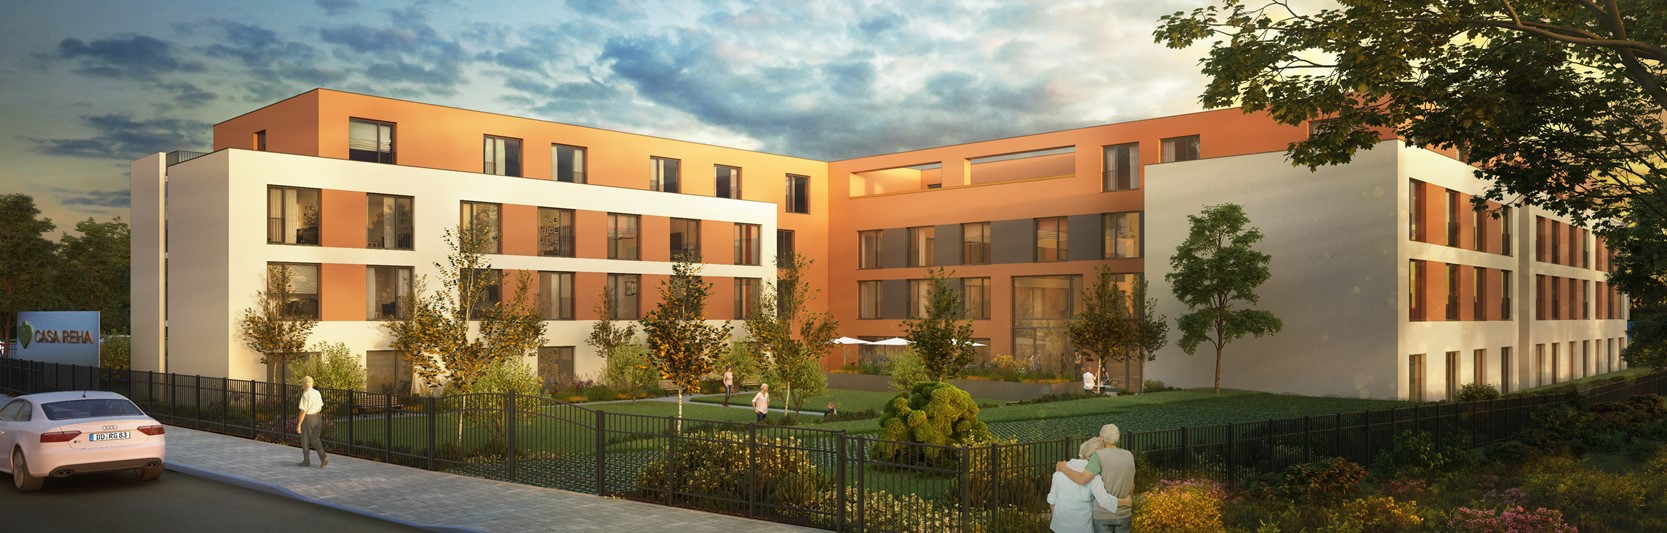 Baubeginn für neues Seniorenheim der KORIAN-Gruppe in Dresden